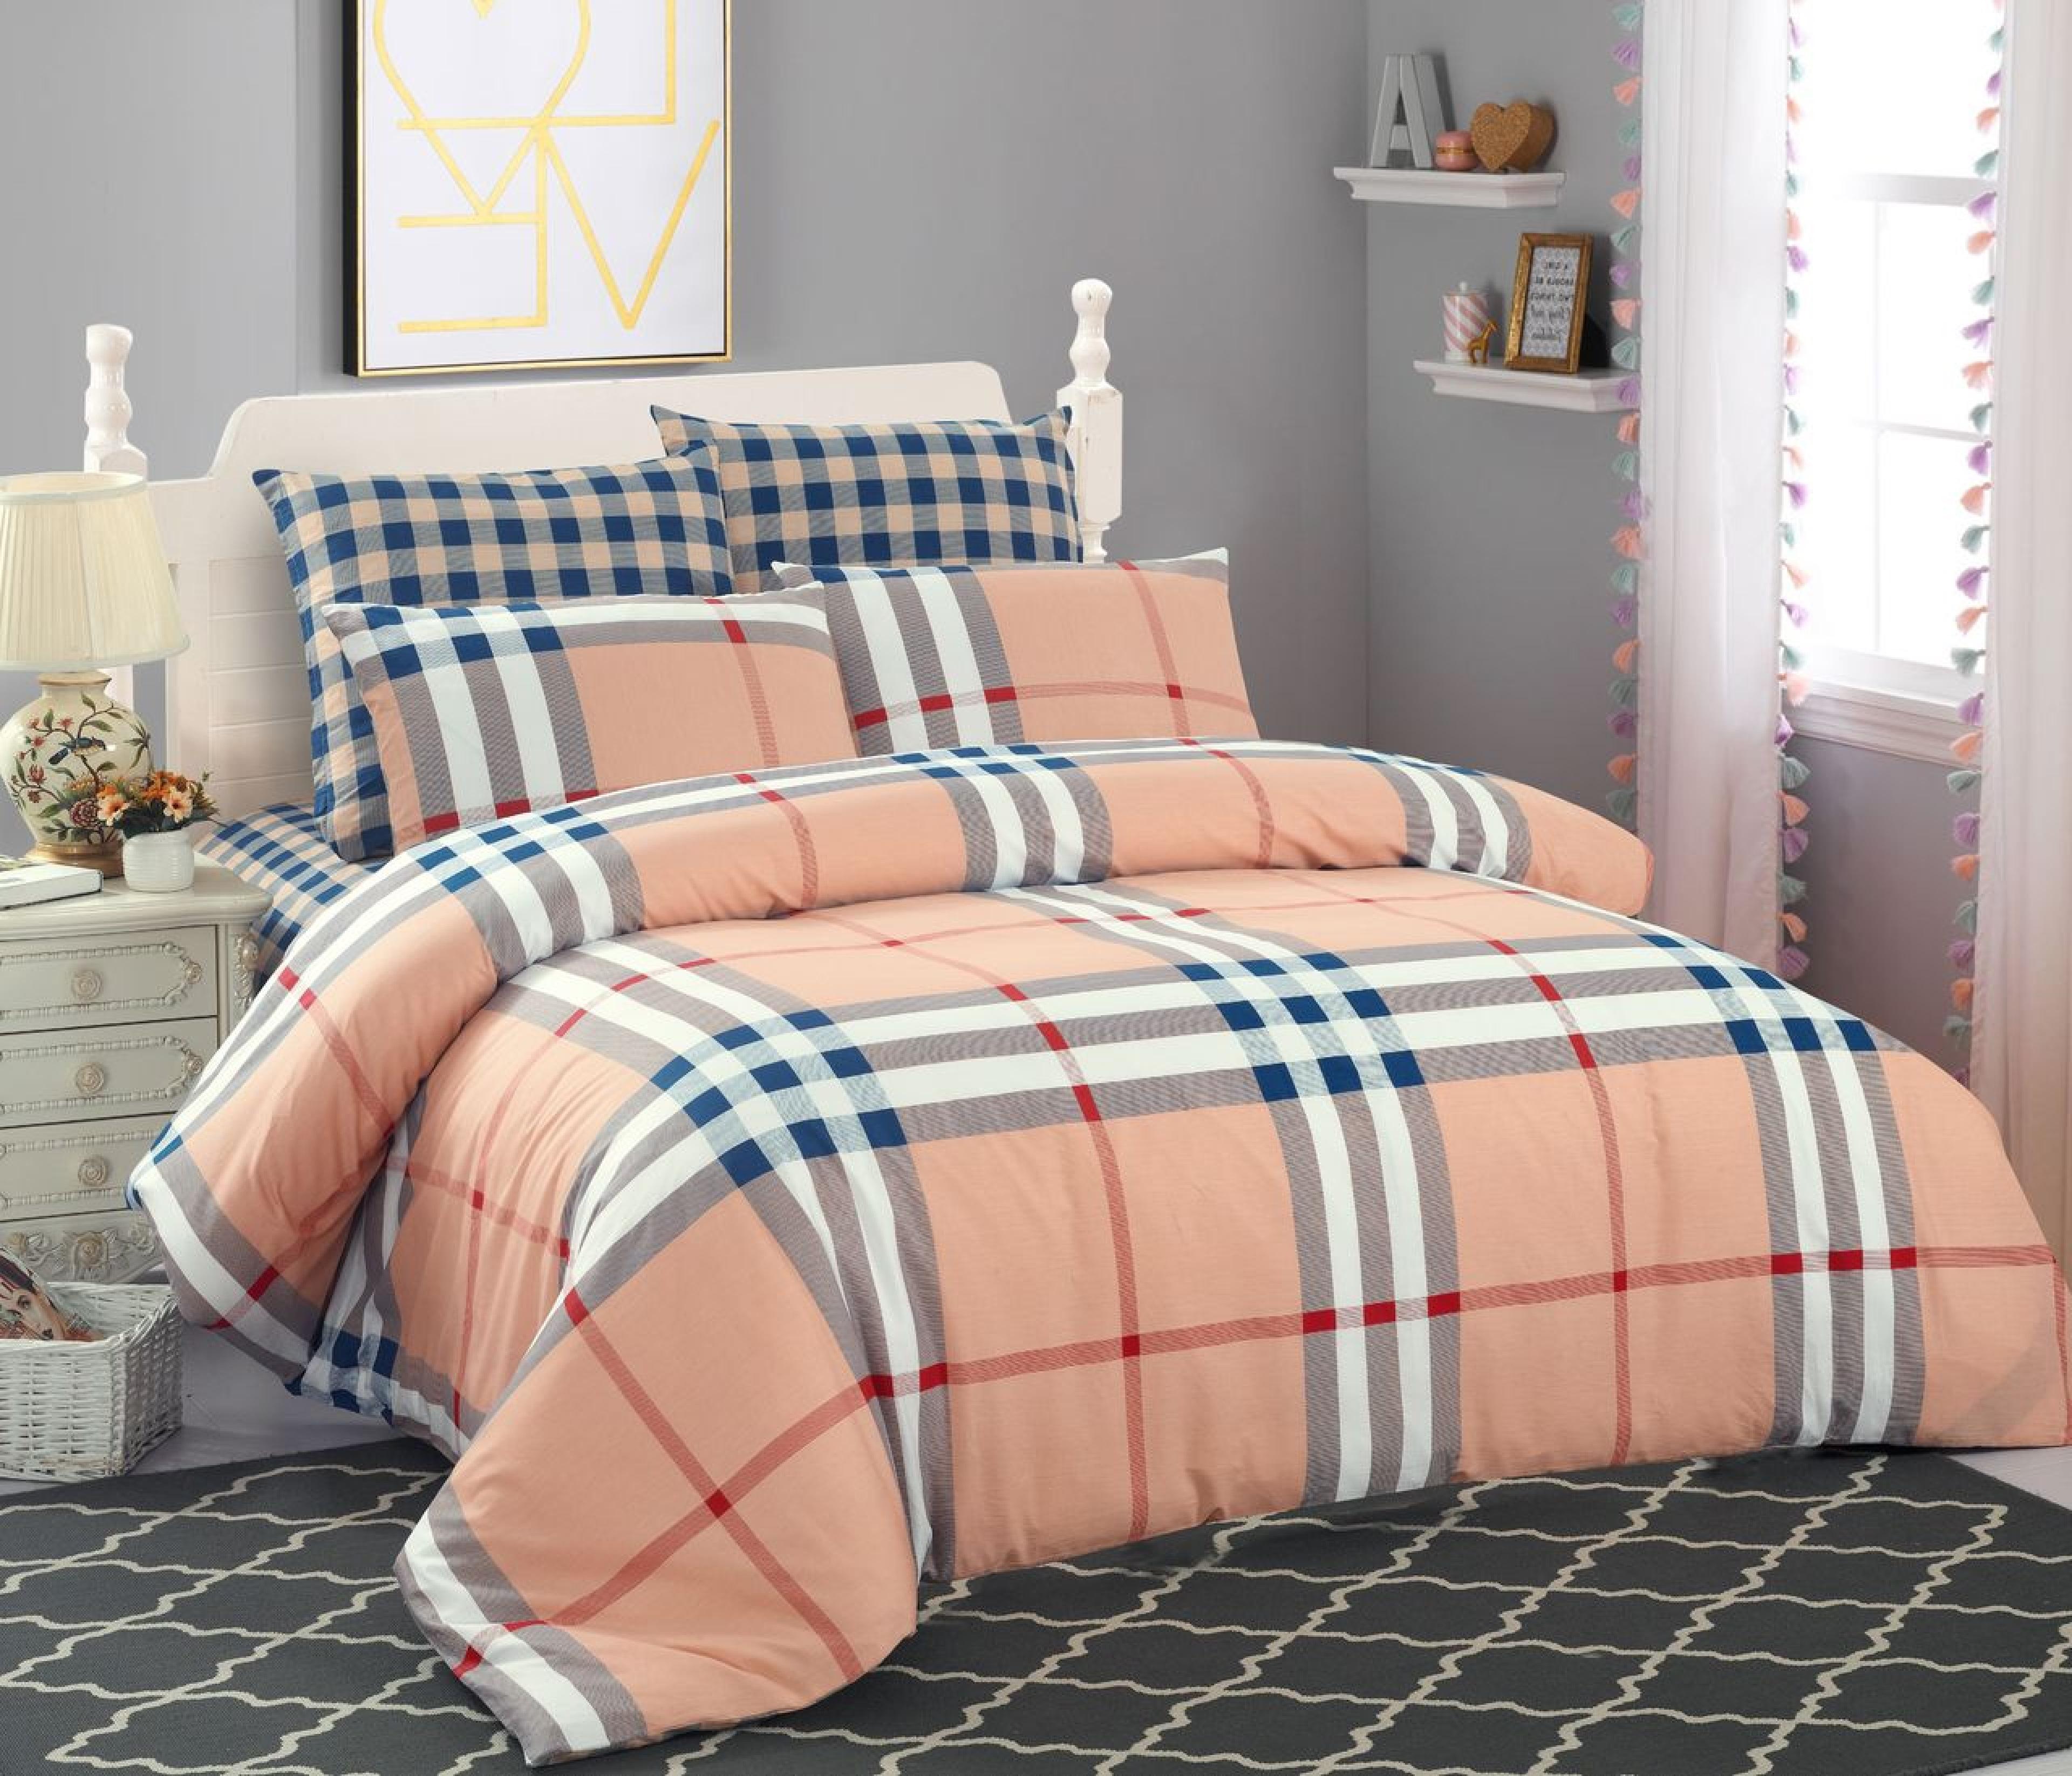 Комплект постельного белья Сатин 100% хлопок C254